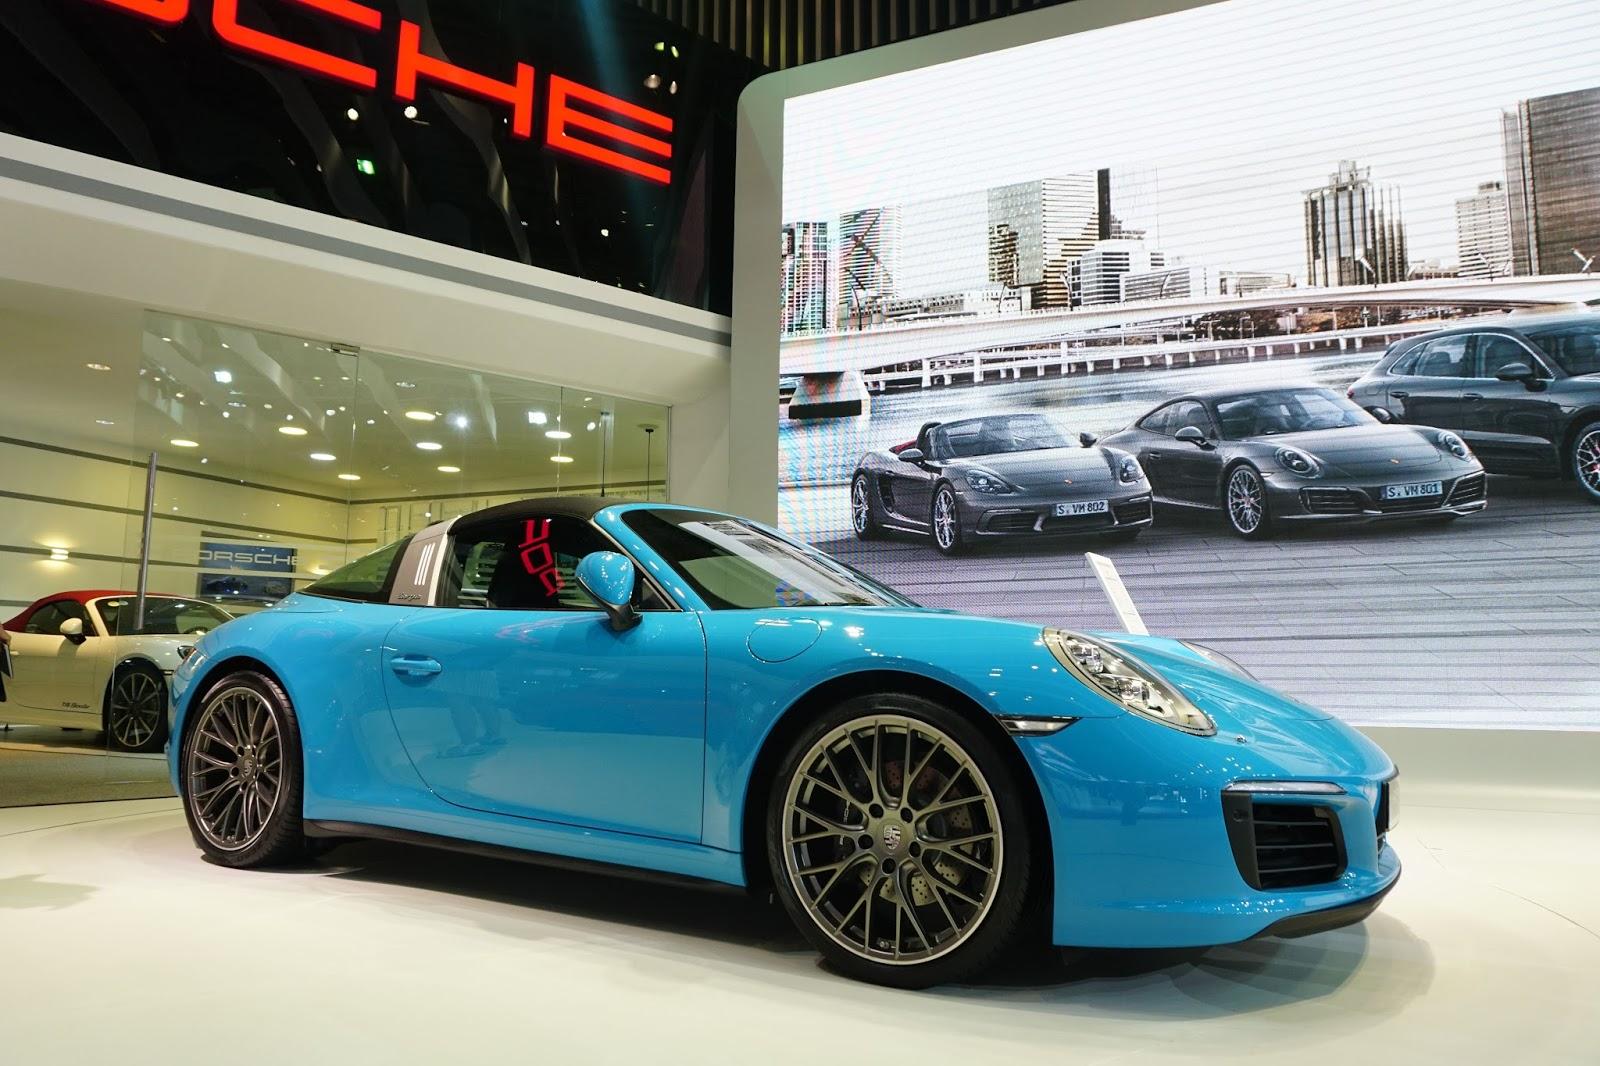 Porsche 911 Targa 4 là siêu xe mui trần đẹp nhất tại VIMS 2016 năm nay